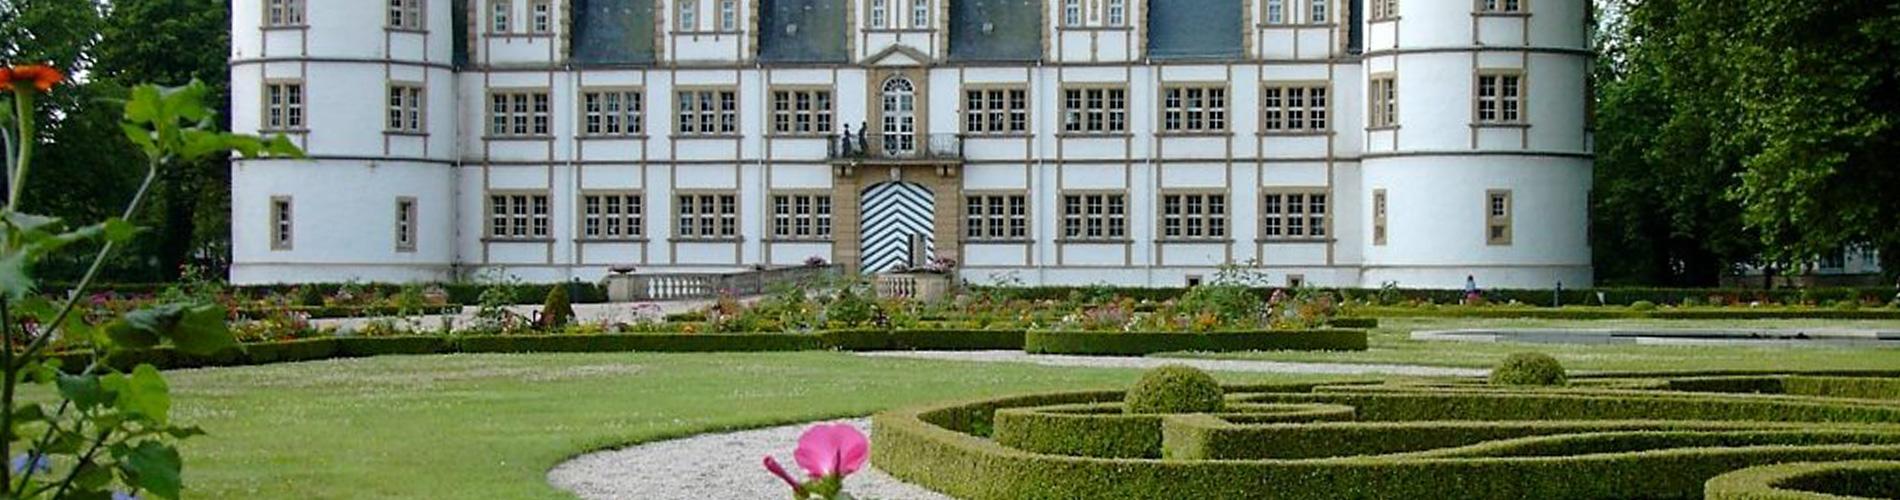 Schloss_Neuhaus